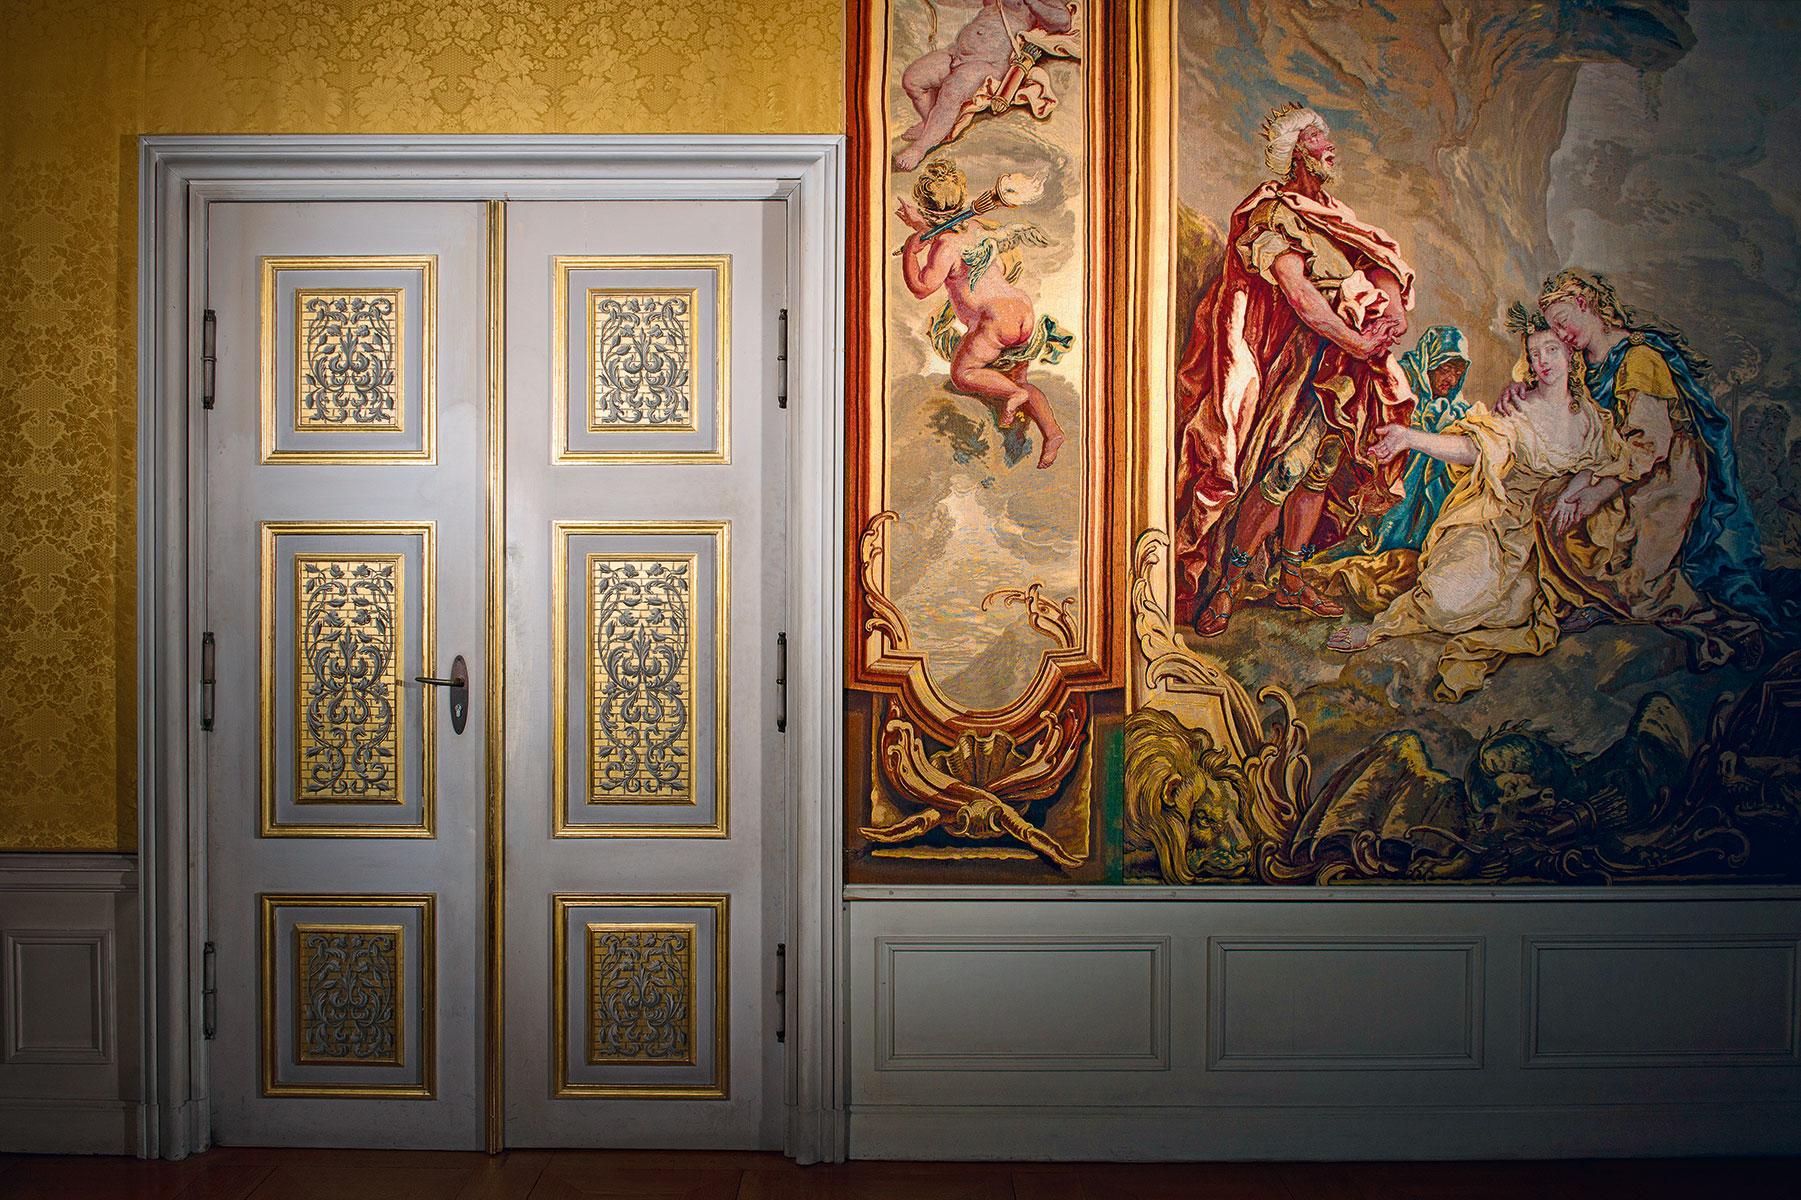 Berlin, Schloss Charlottenburg, Grüne Vorkammer, Aufnahme von 2016 © Stiftung Preußische Schlösser und Gärten Berlin-Brandenburg / Foto: Leo Seidel